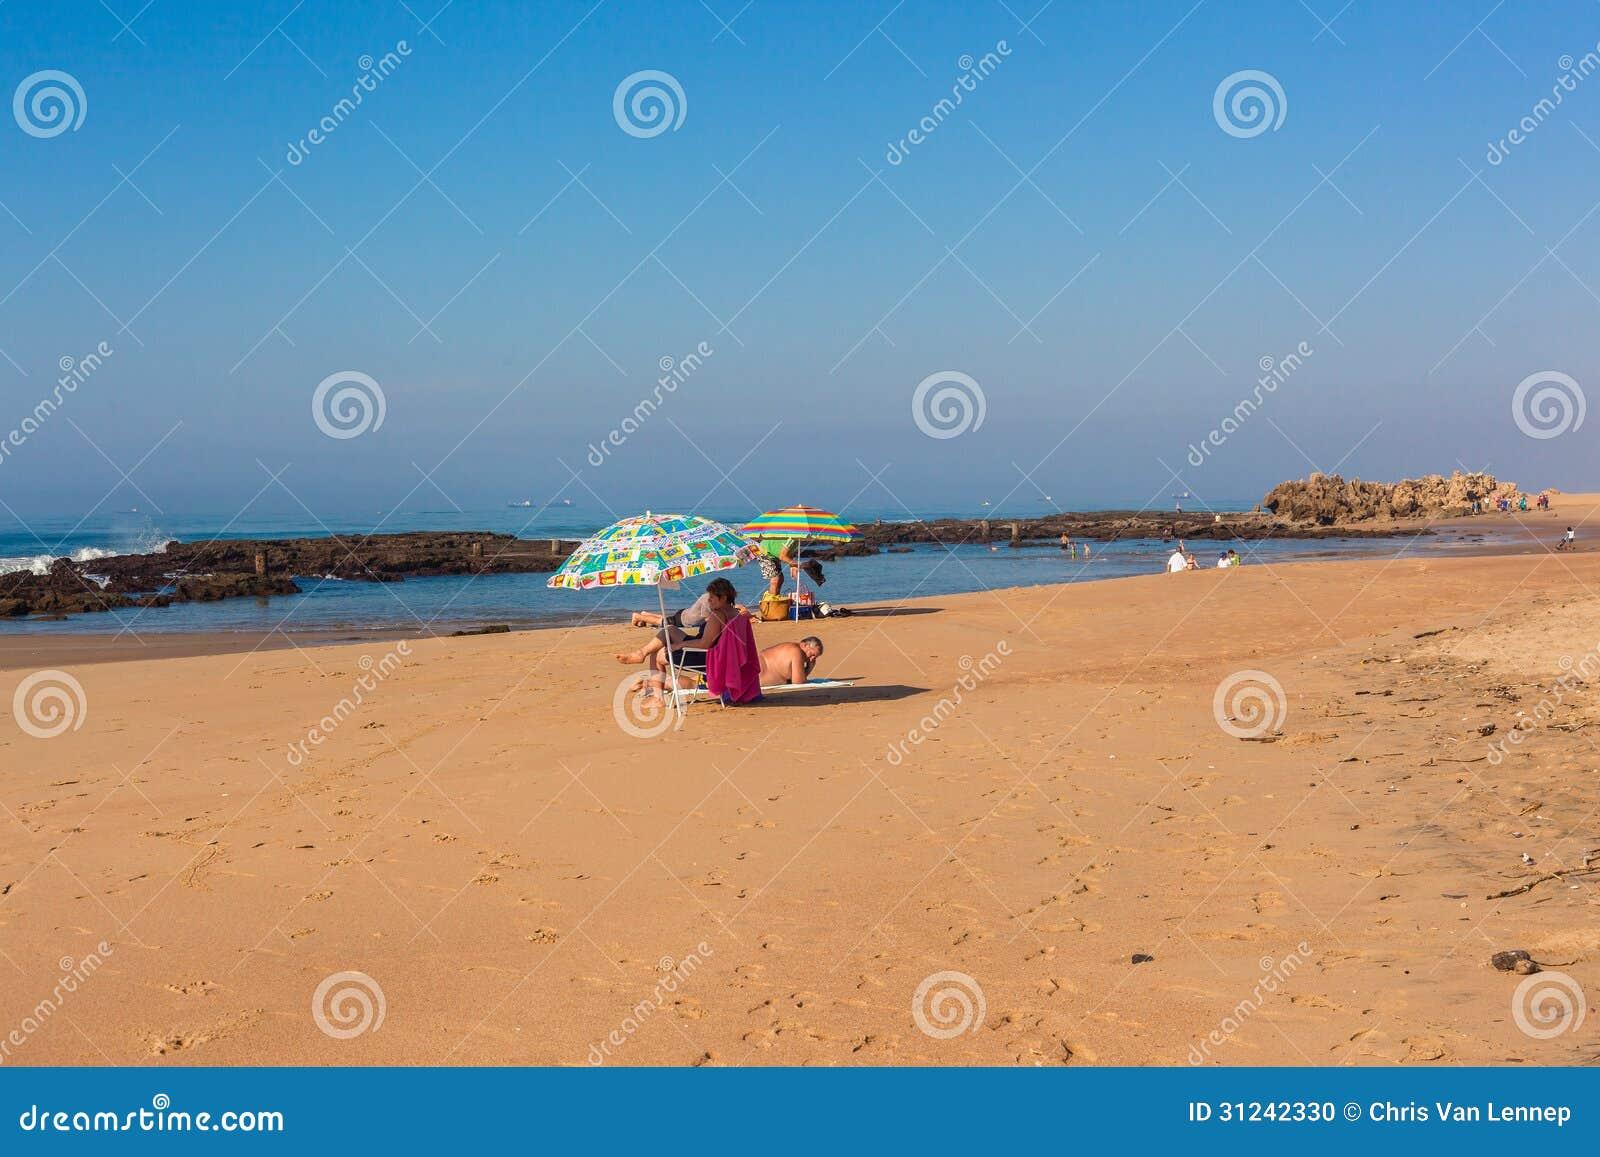 Pools and beach at mandalay bay hotel and casino editorial - Public swimming pools north las vegas ...